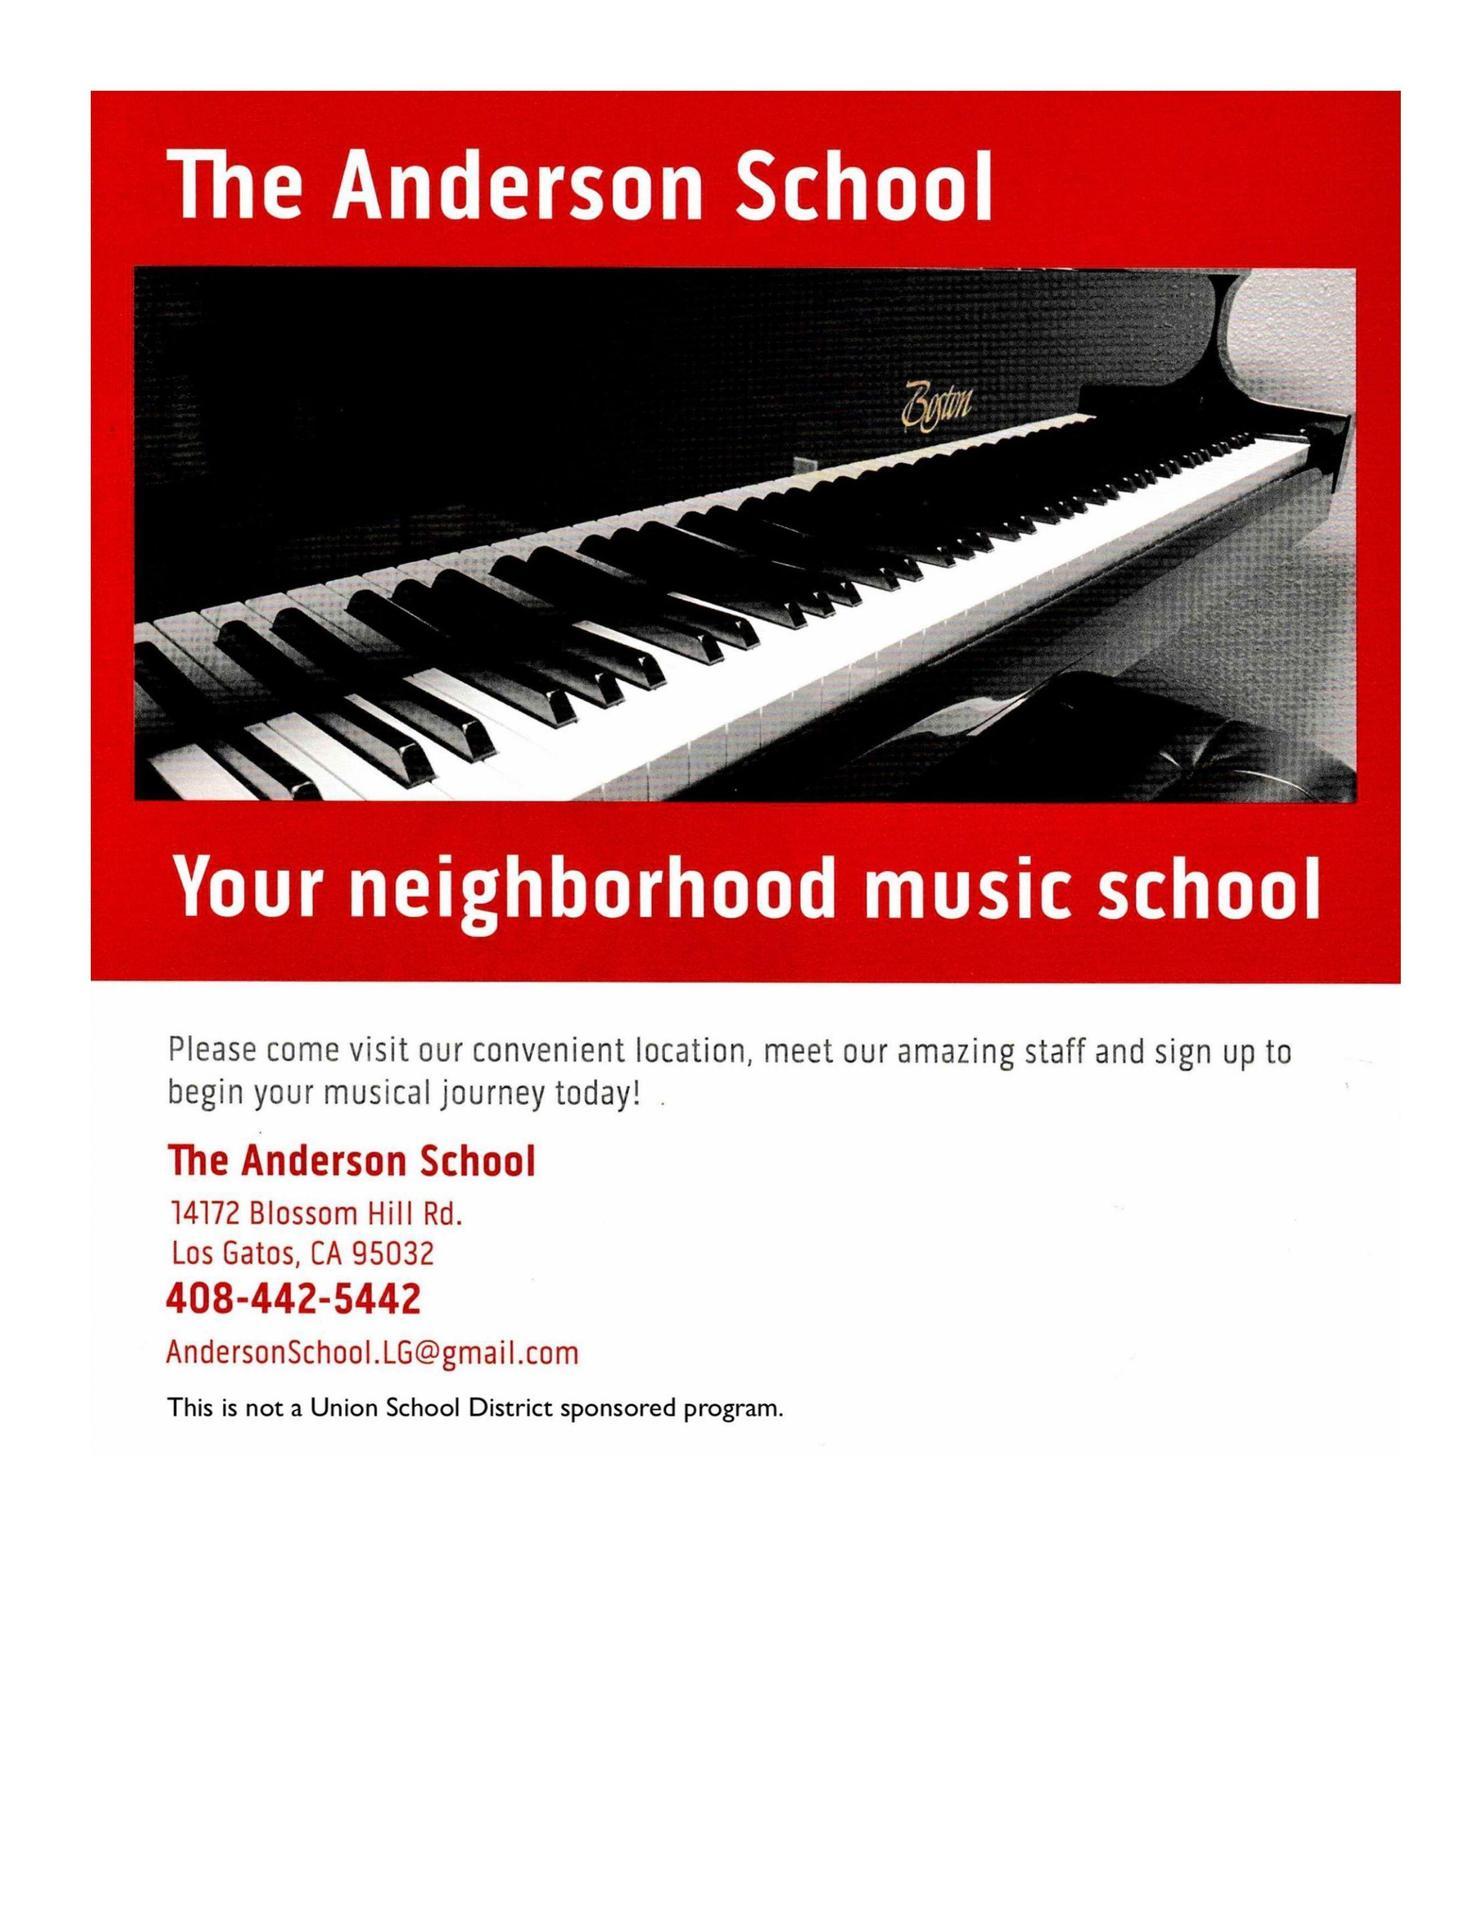 The Anderson School